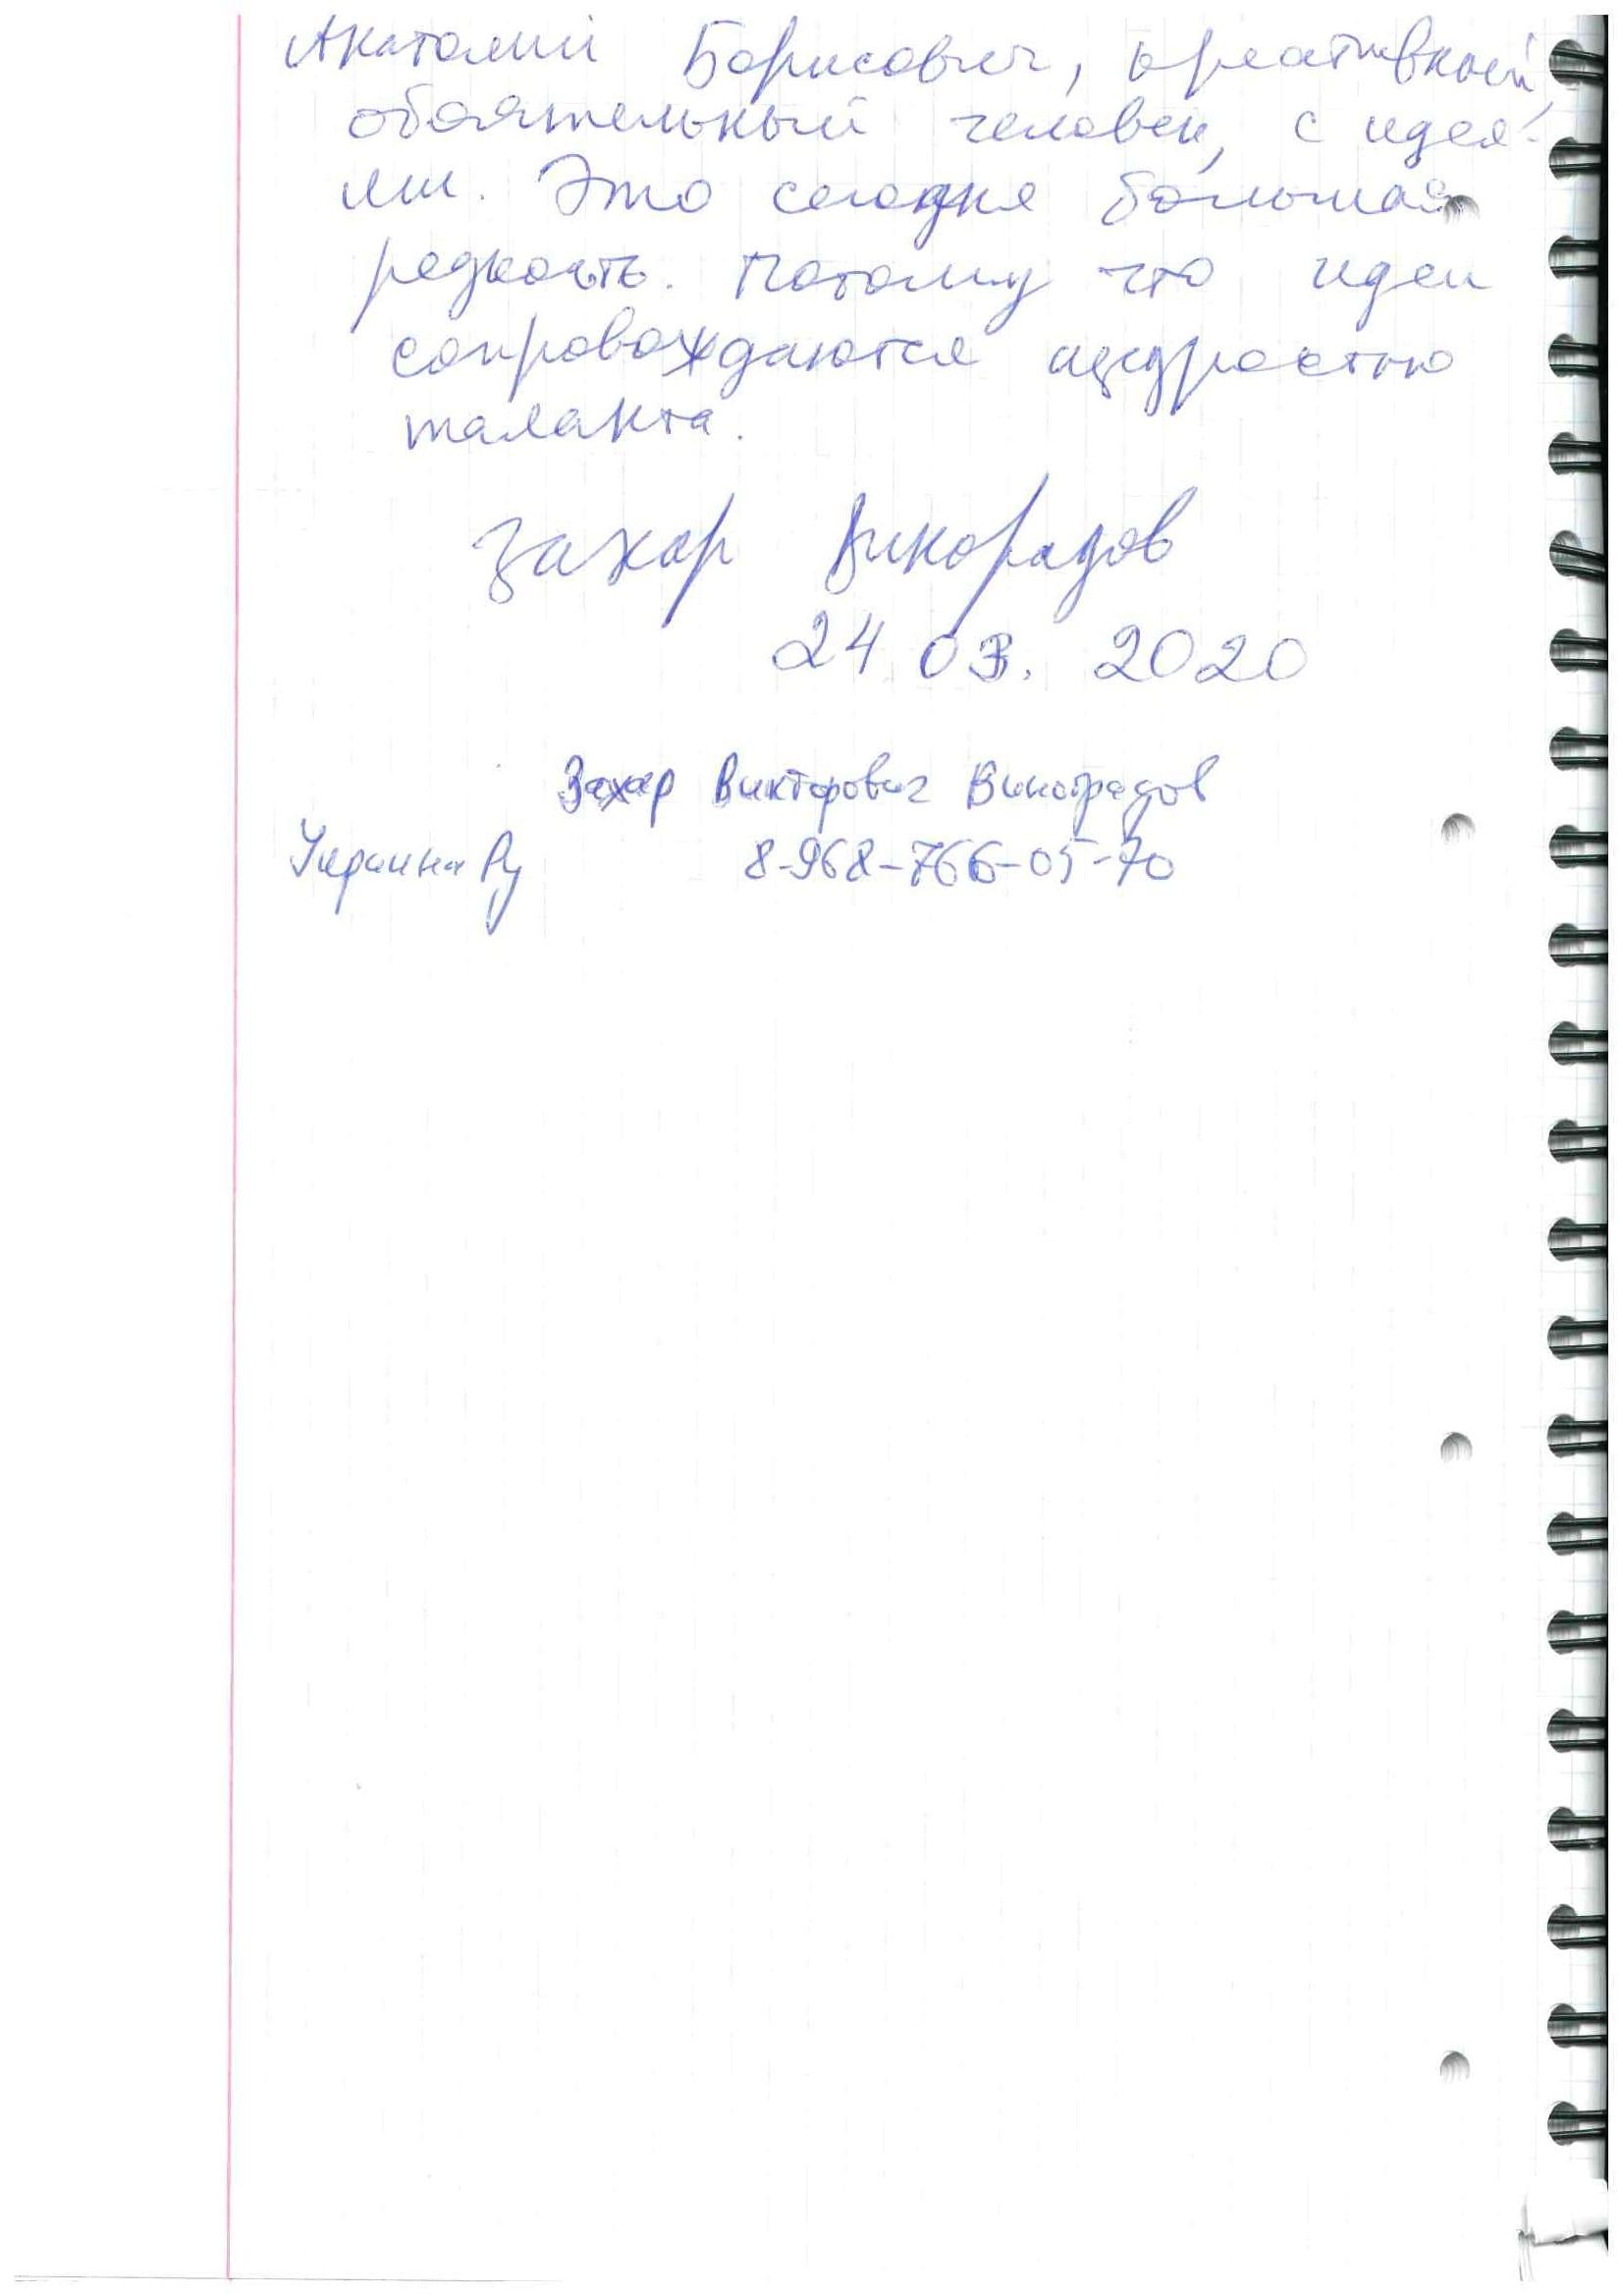 24.03.2020_1-min